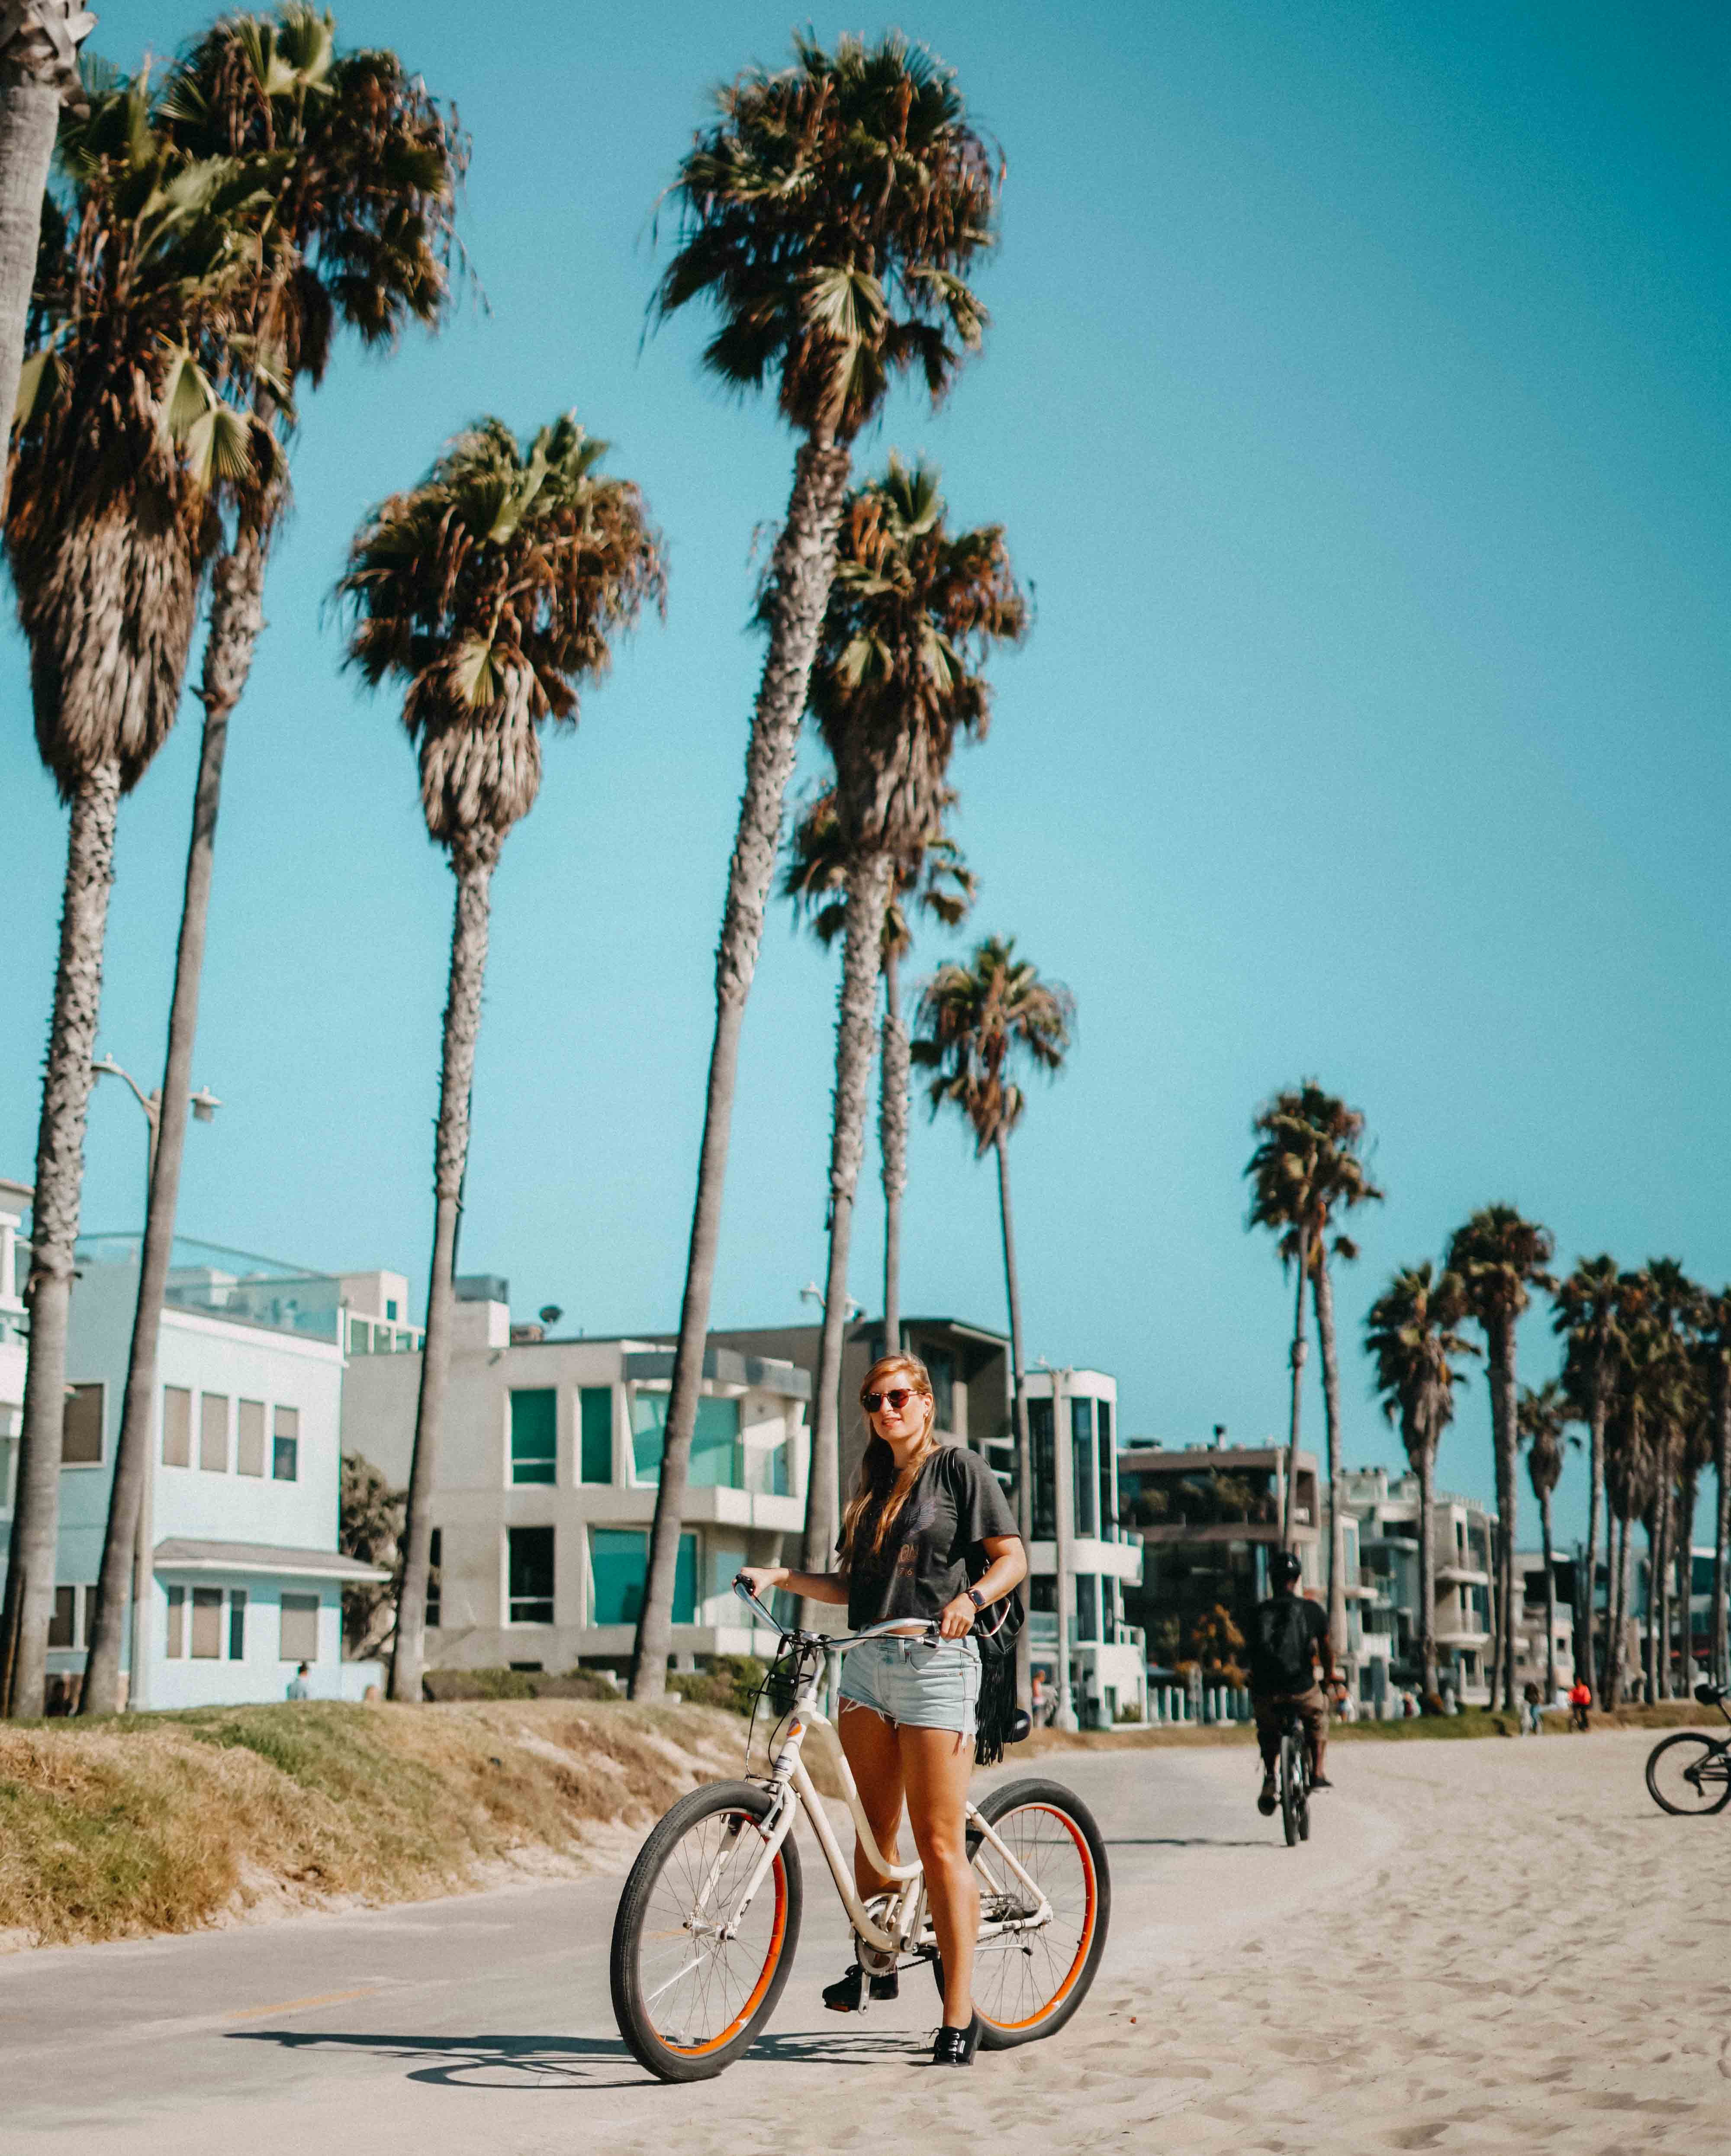 Top Insider Tipps Los Angeles Marvin Braude Bike Trail fahrradtour LA Strandweg Fahrrad fahren ausleihen